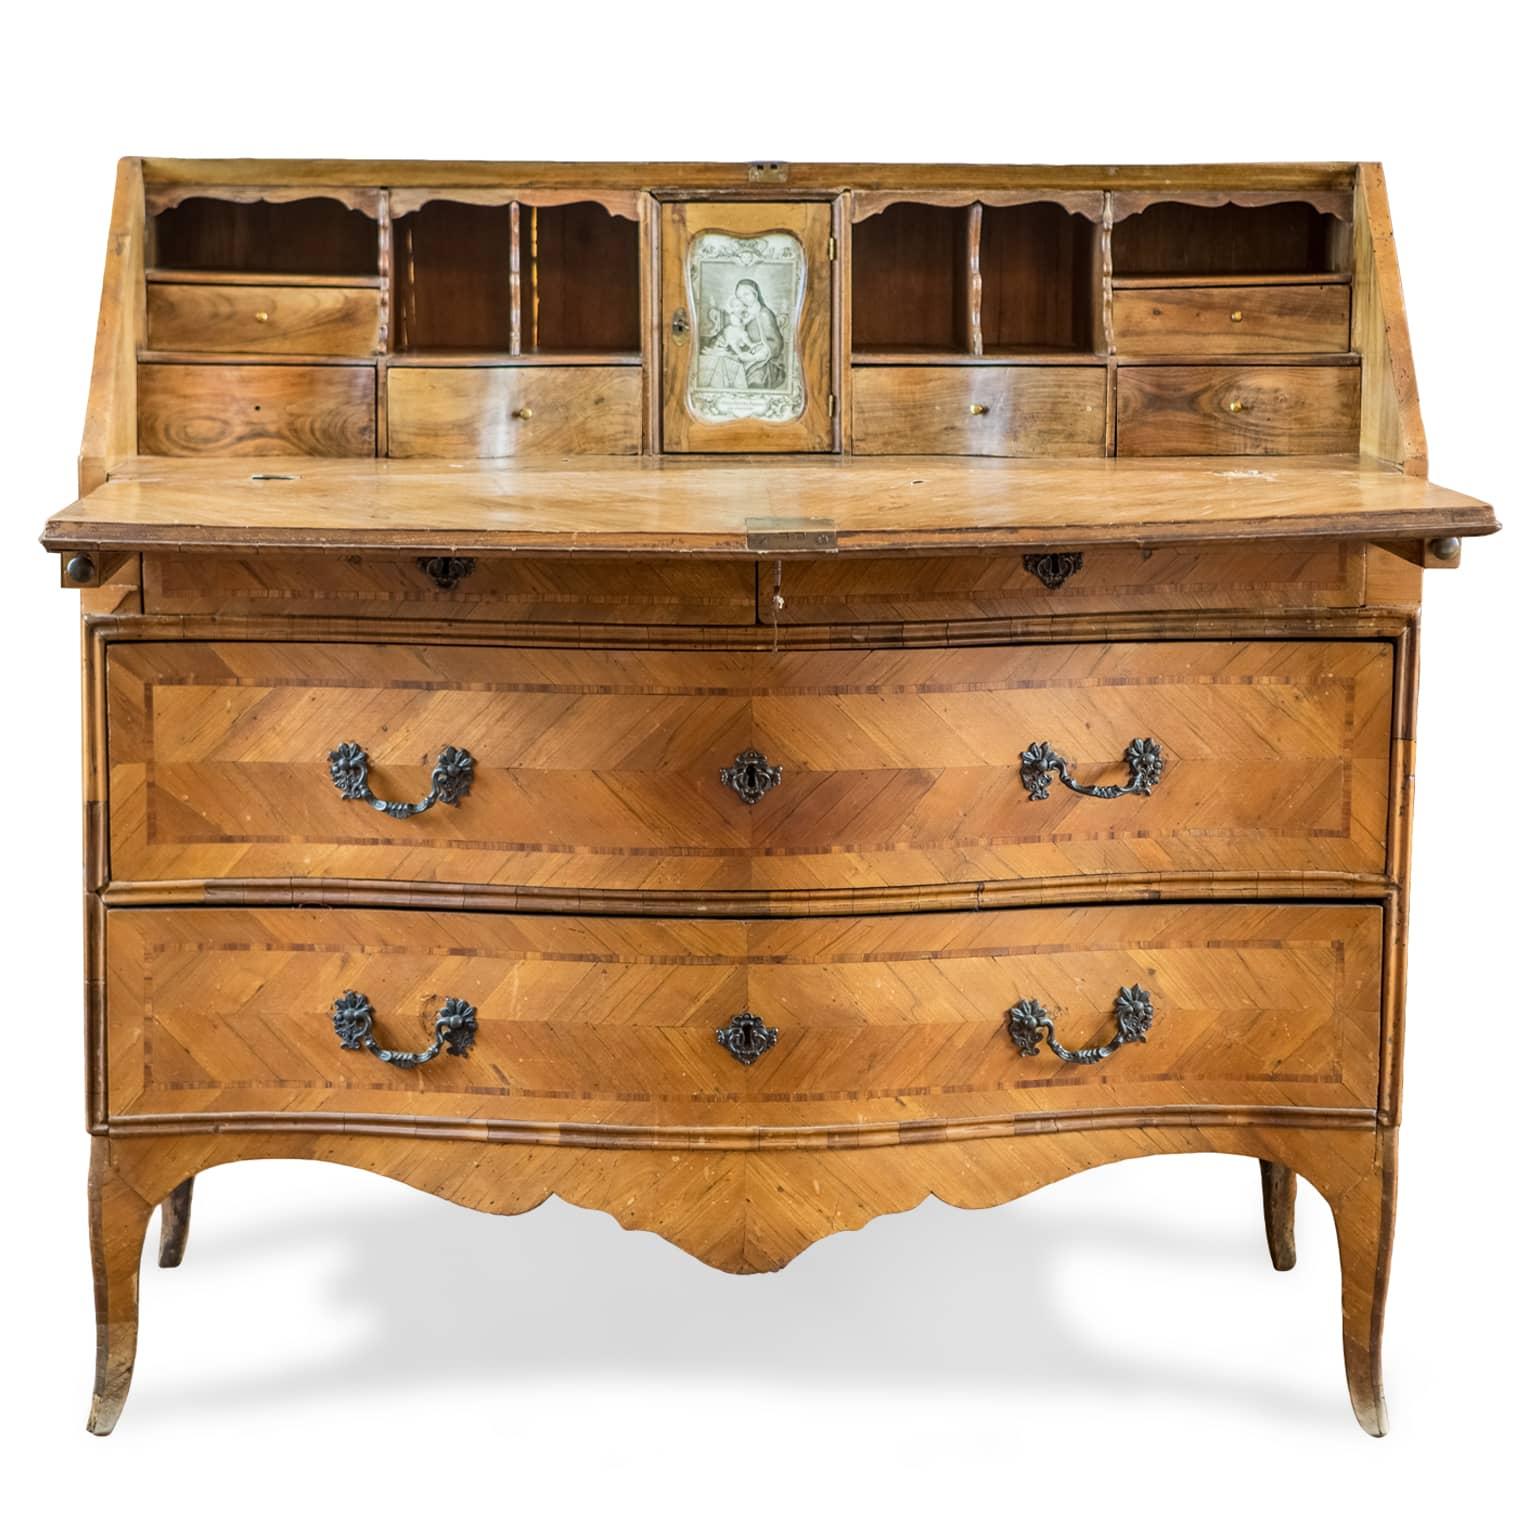 Guida come restaurare un mobile in legno segreti e curiosit sul restauro - Restaurare un mobile in legno ...